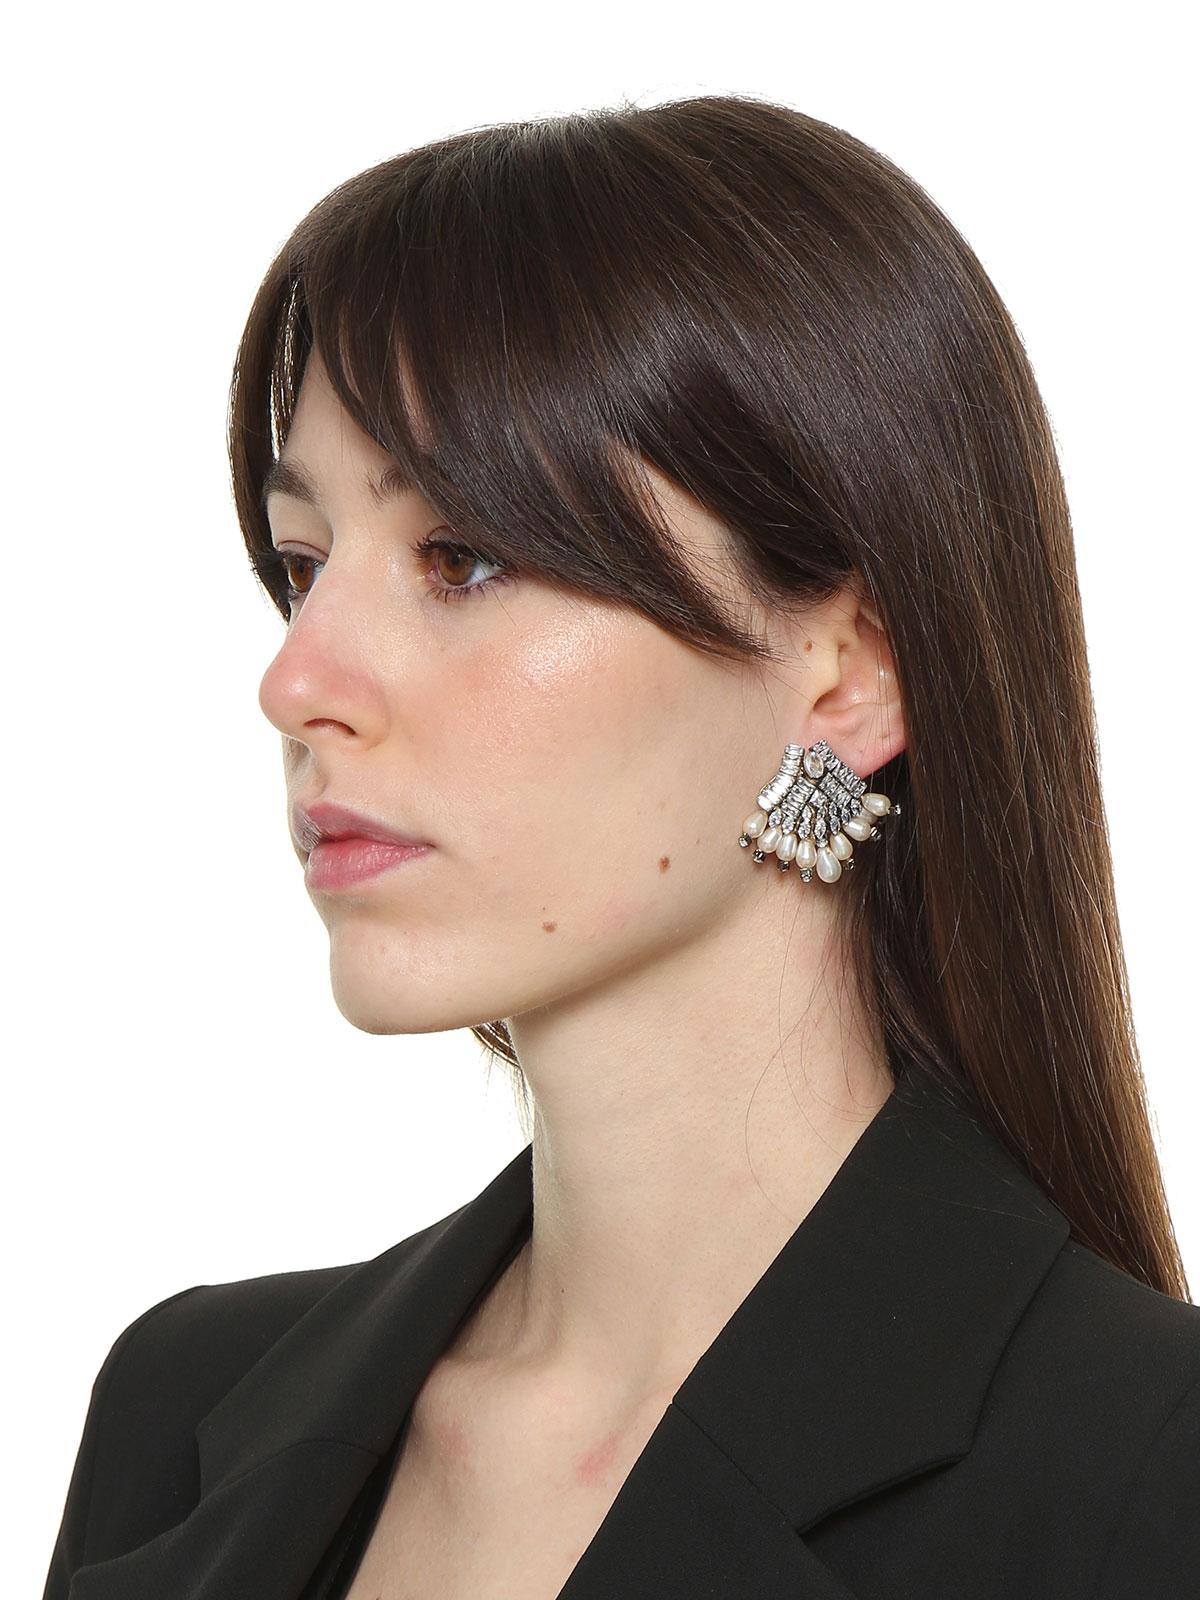 Jewel fan earrings with glass drops